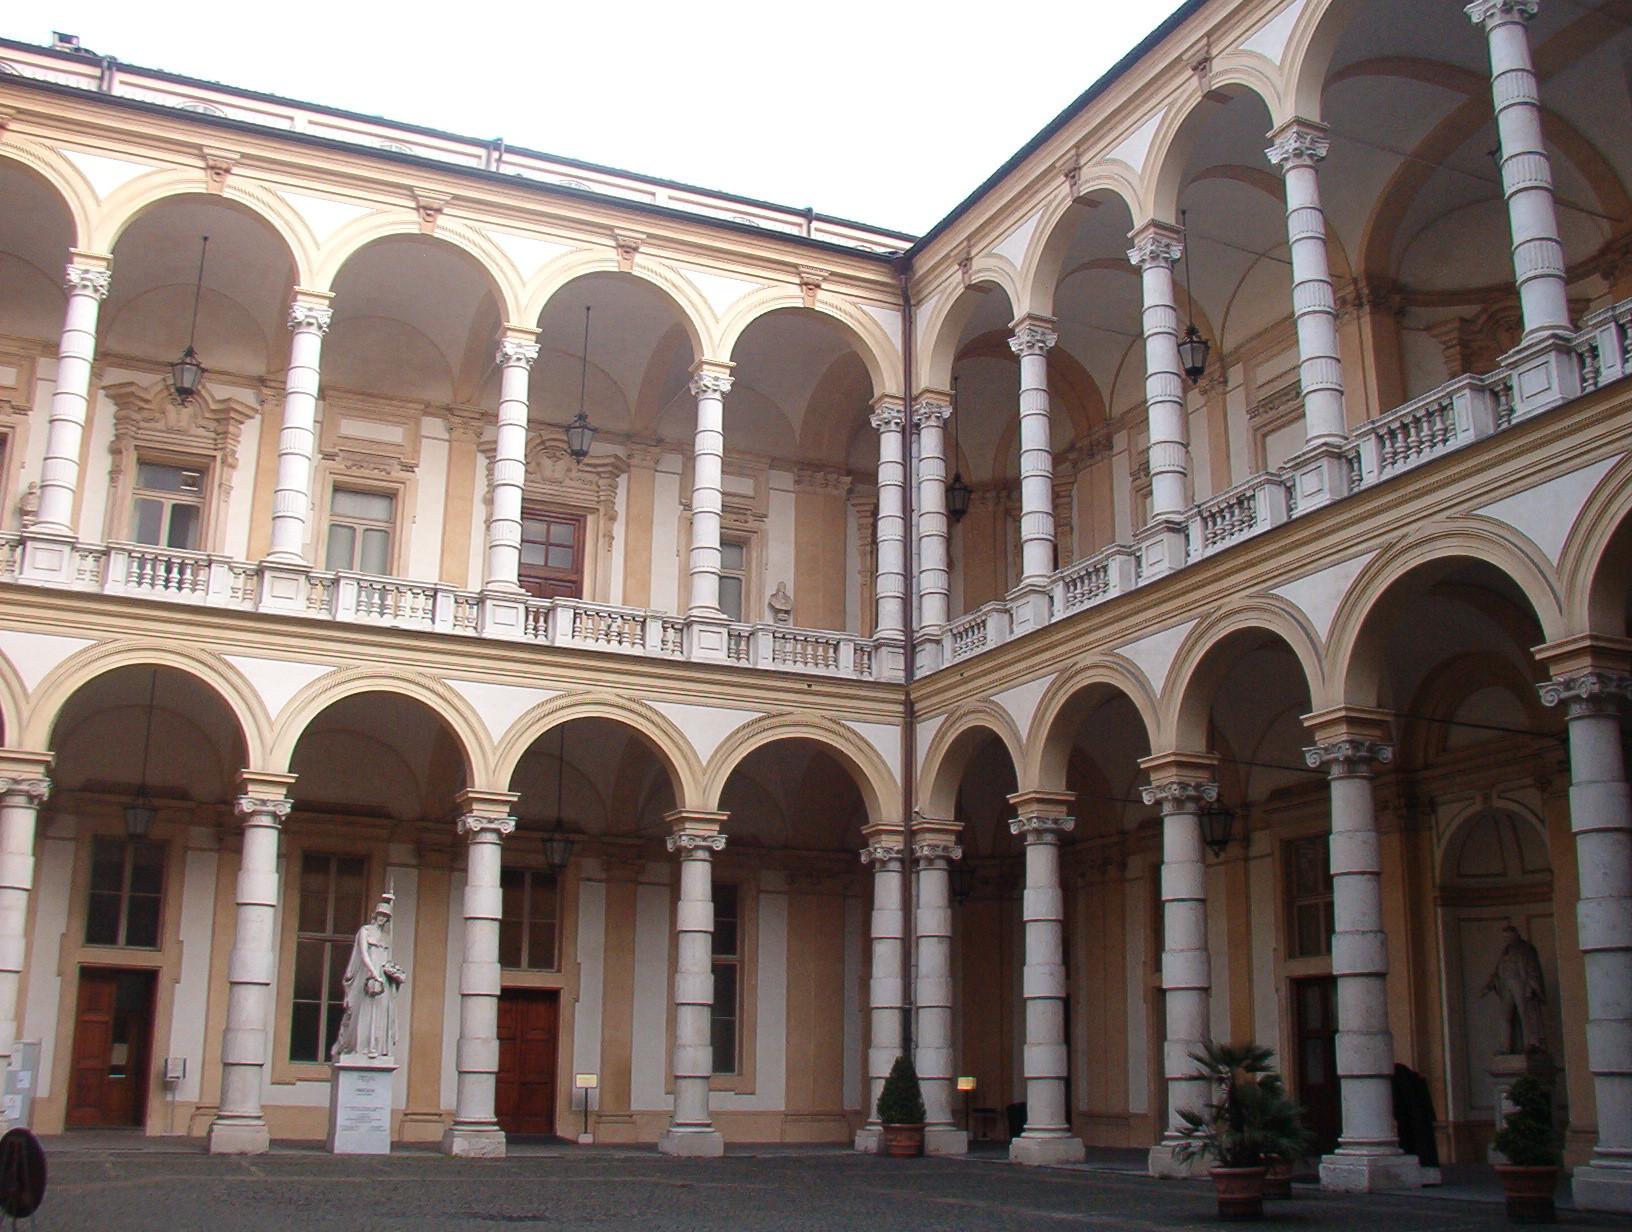 Doświadczenie na Uniwersytecie Turyńskim, Włochy według Inesy